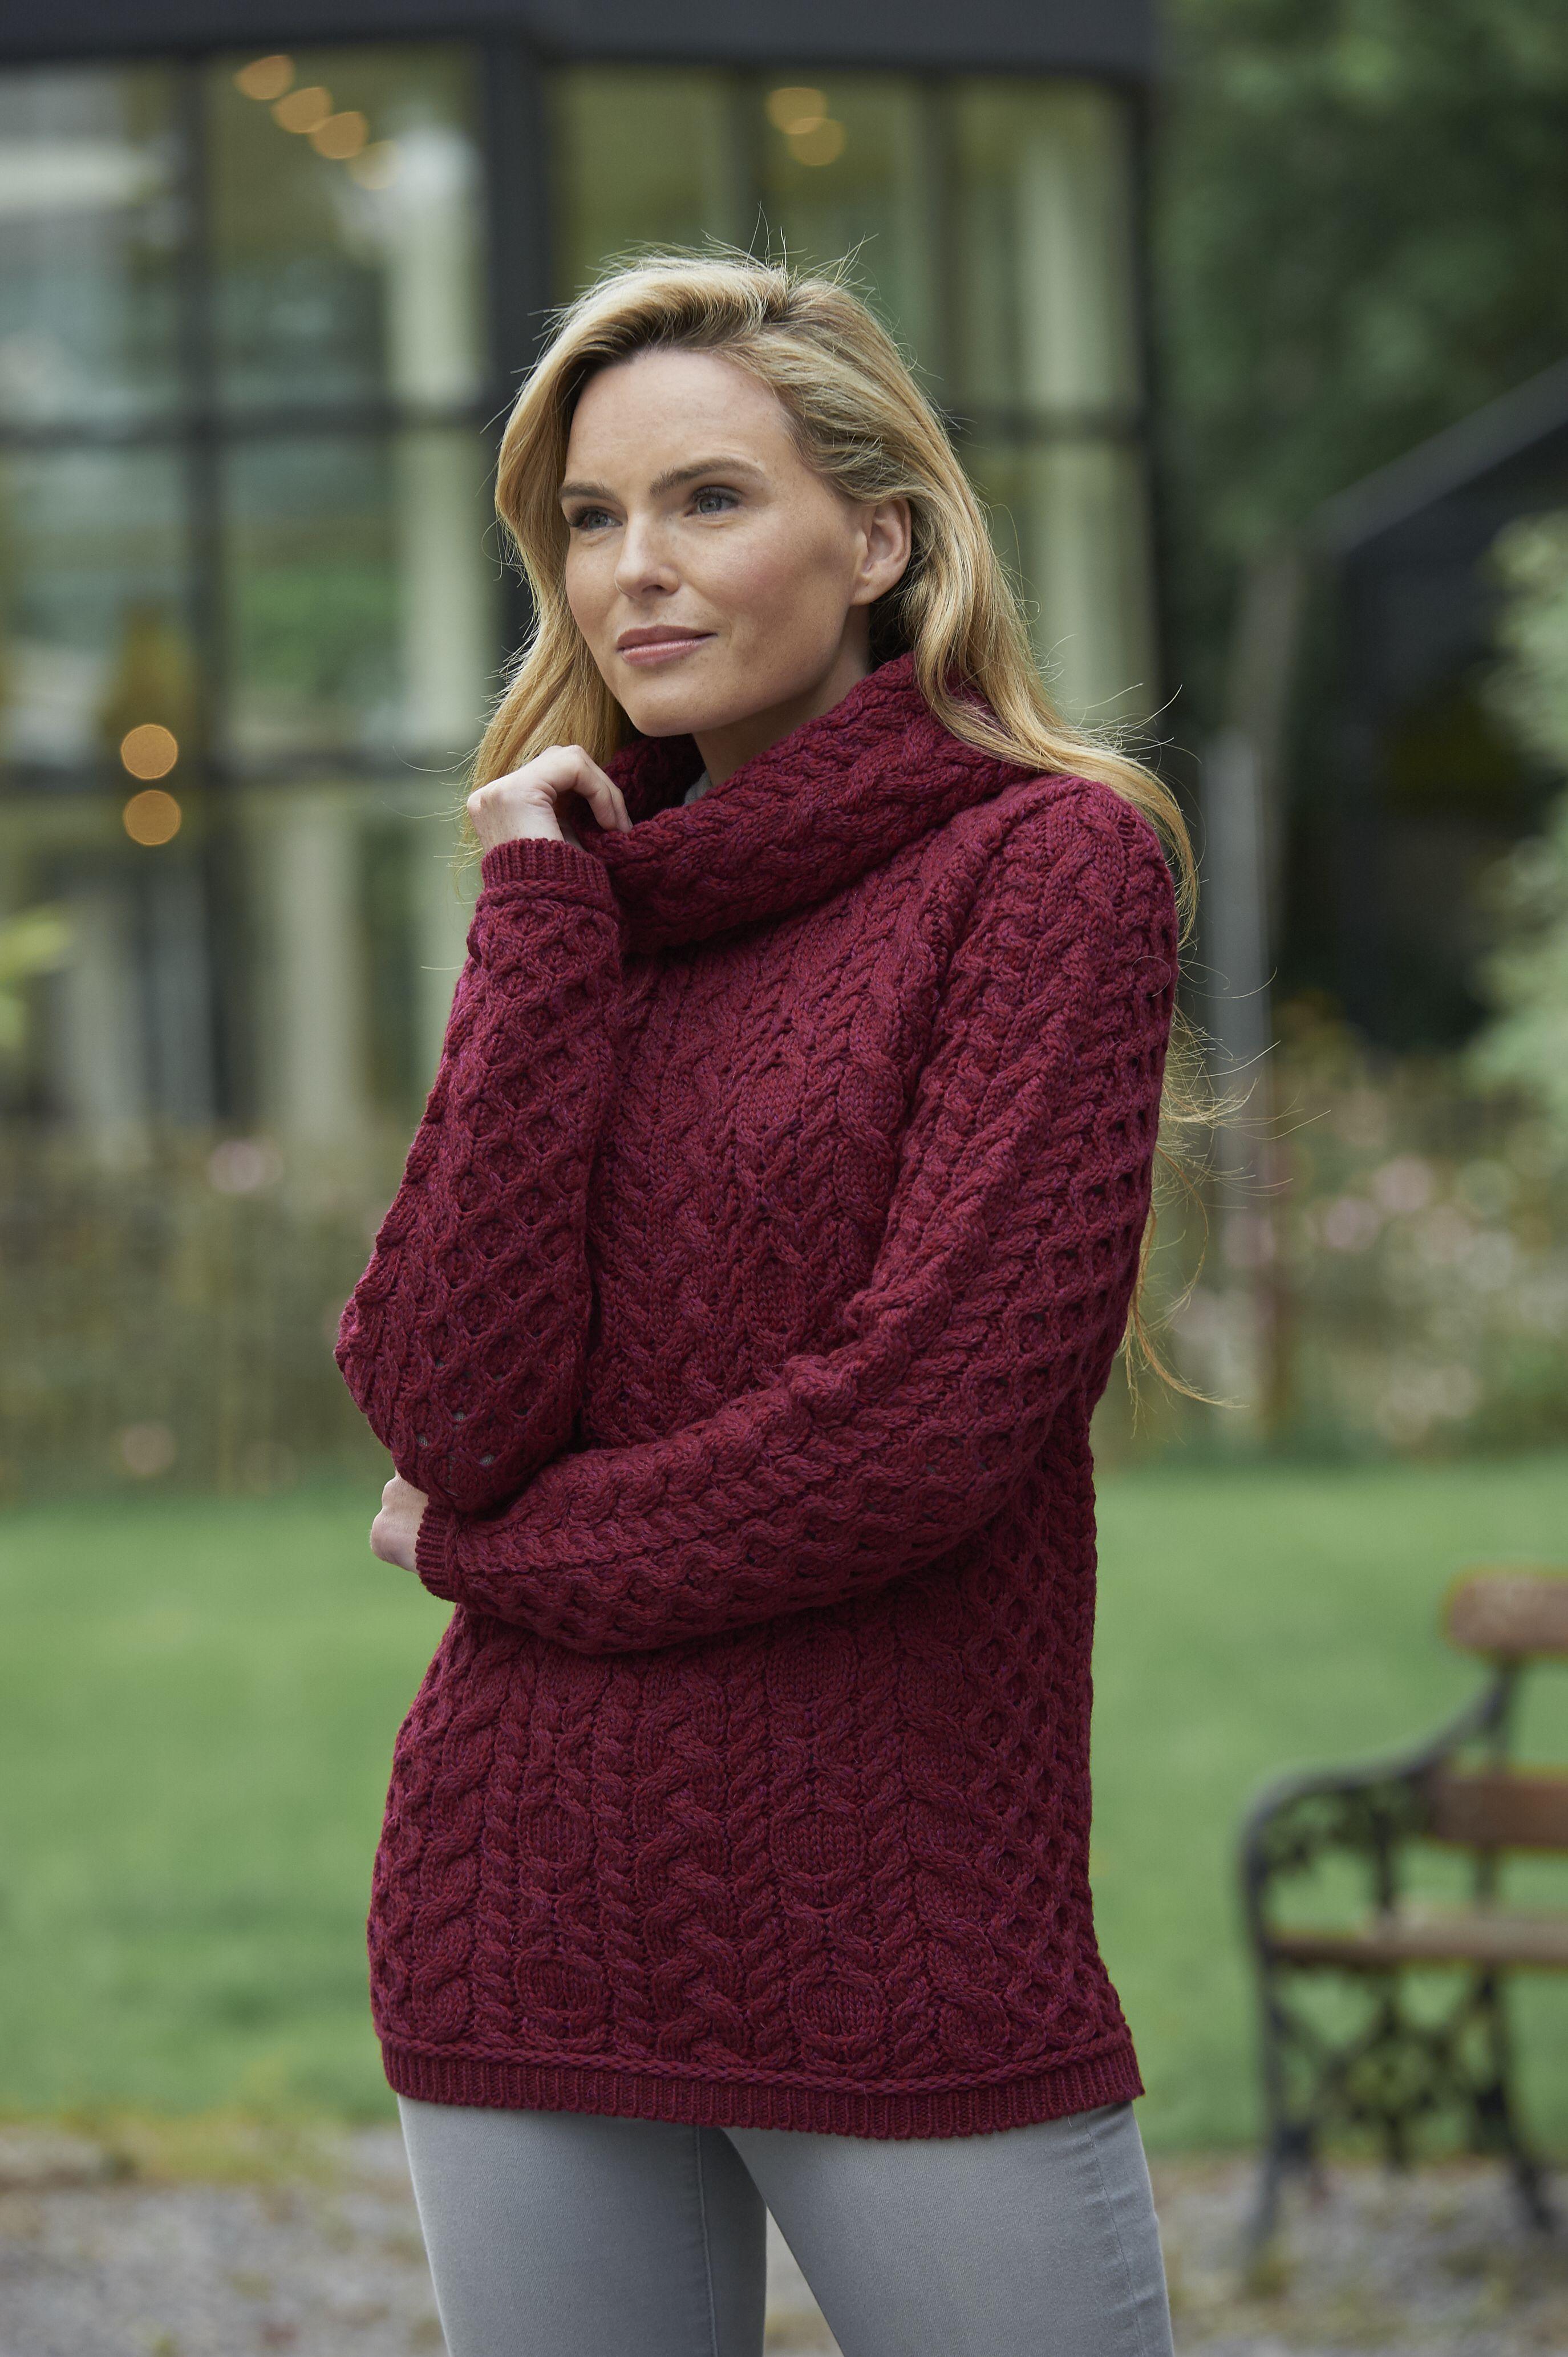 4745fd01f7be98 Pin by 💕Natallia Kulikouskaya on Irish Aran Sweaters